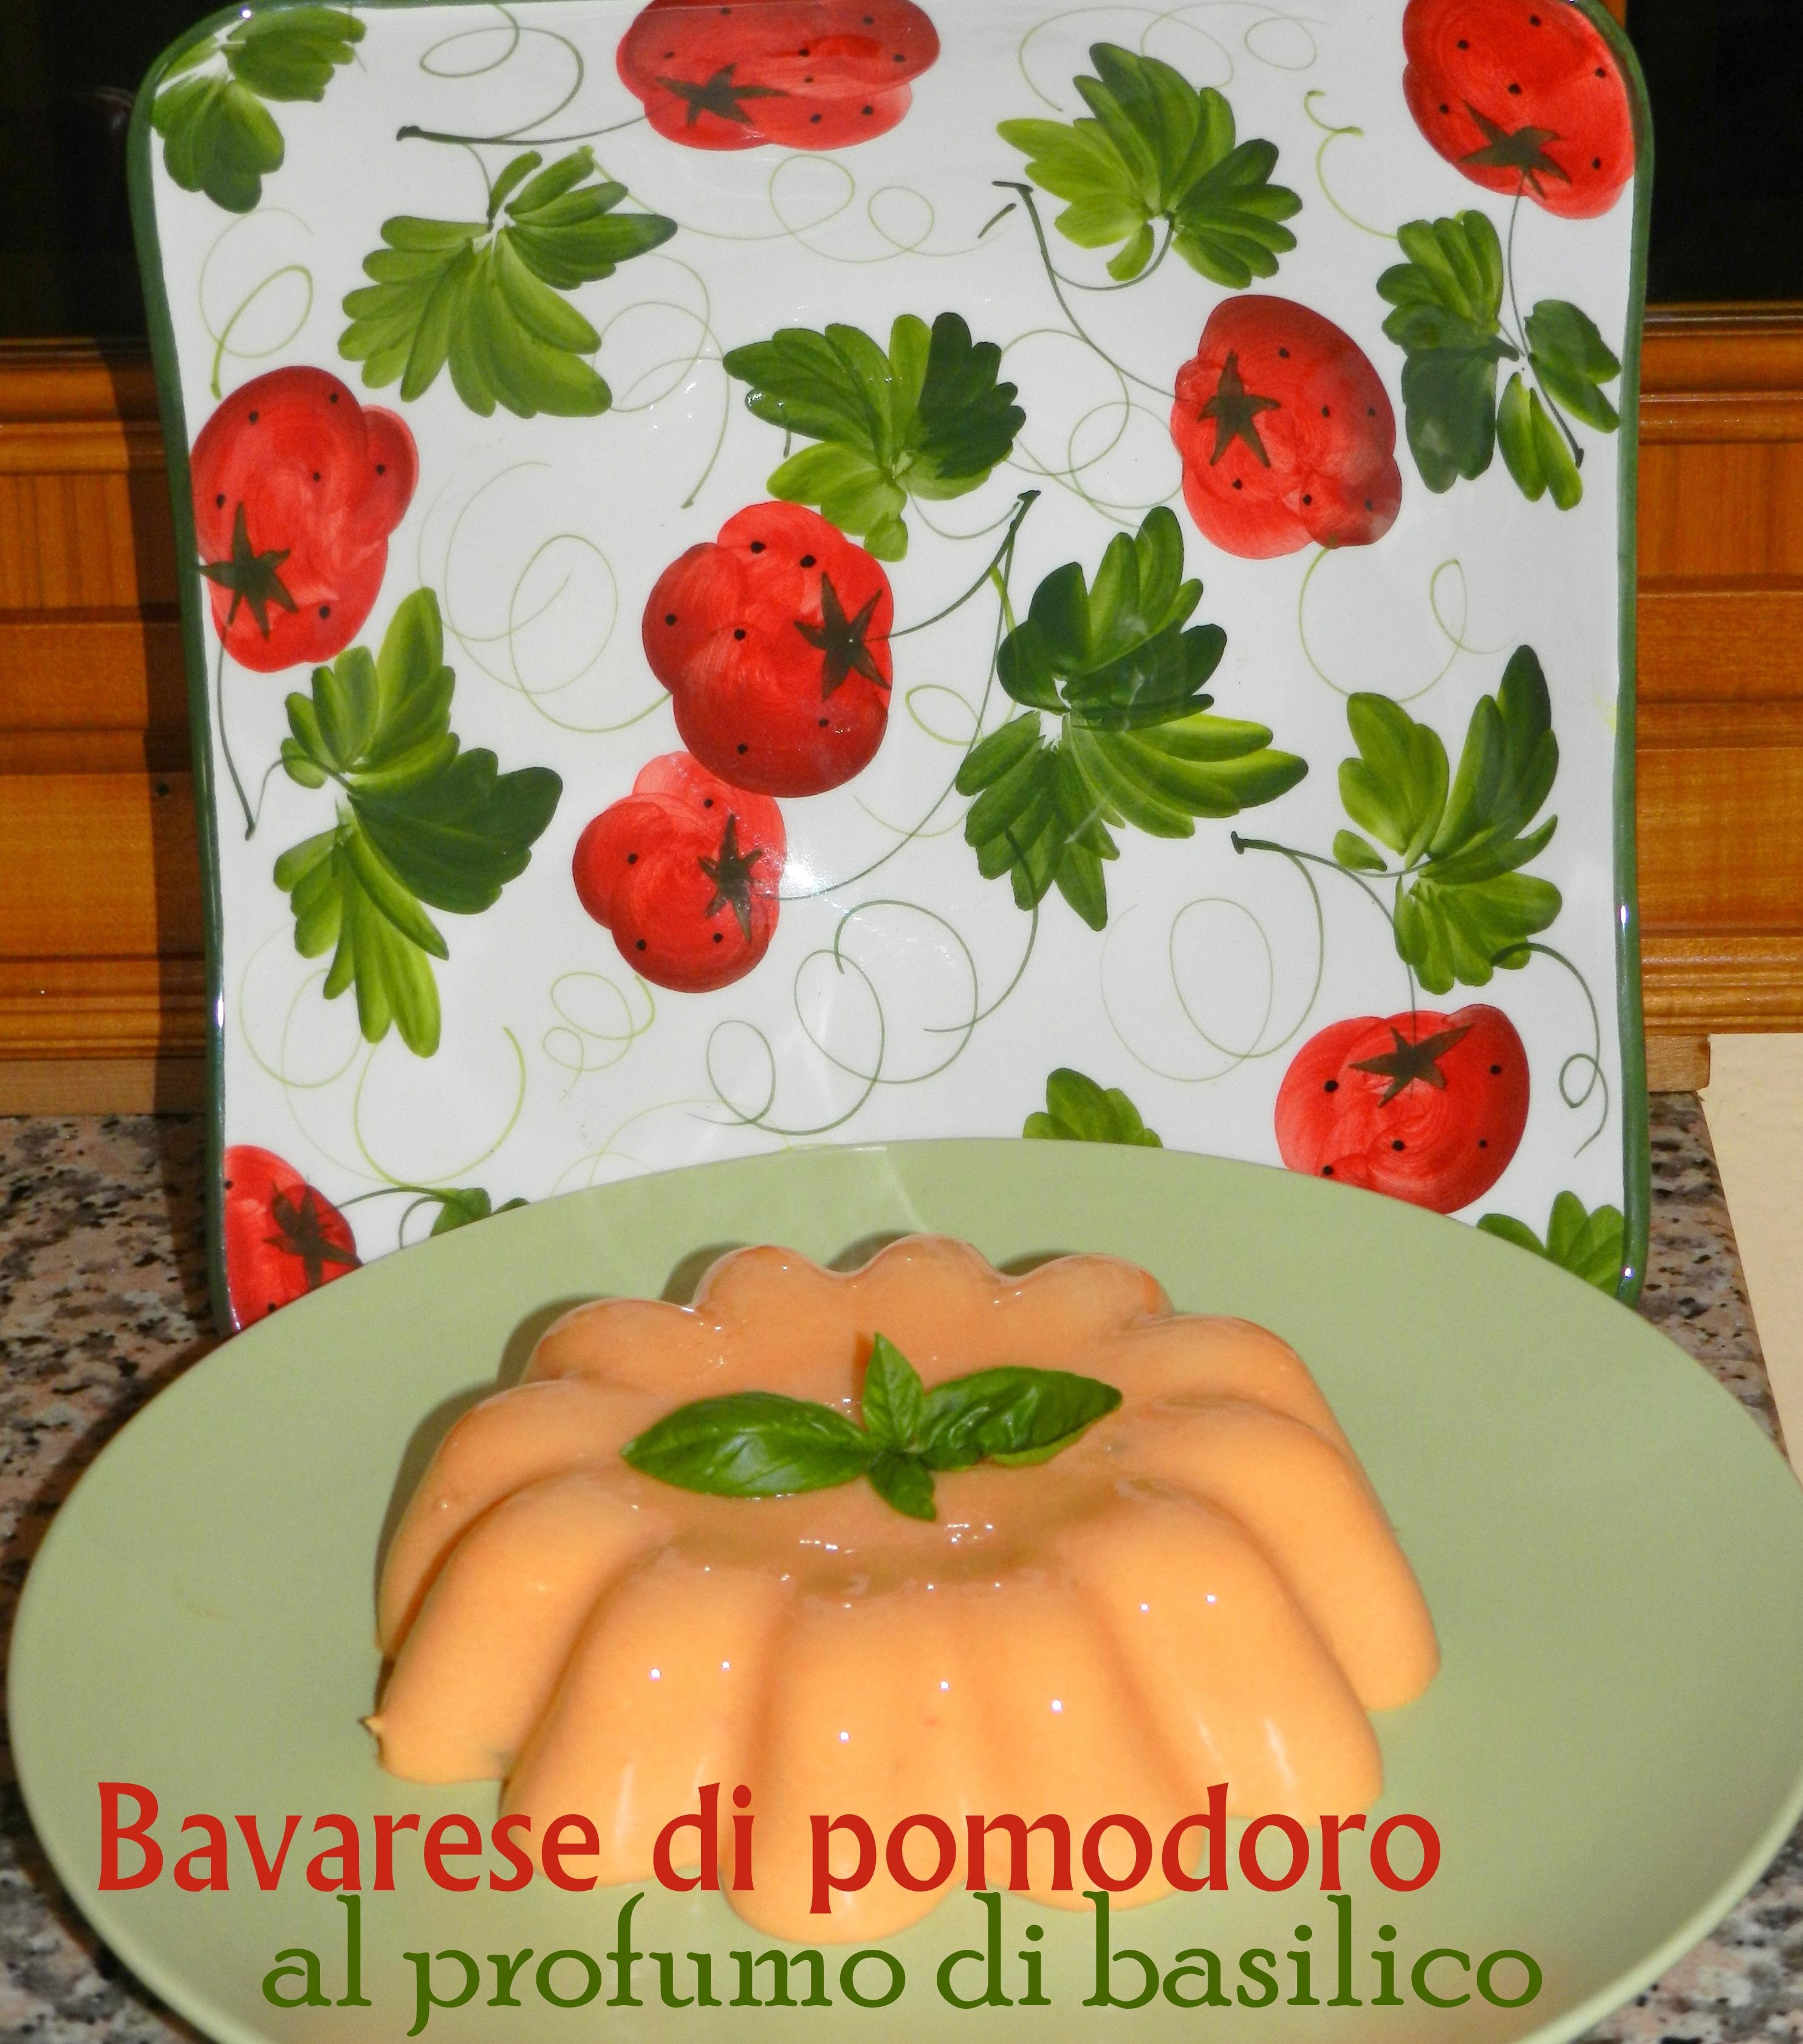 Bavarese di pomodoro al profumo di basilico per il menù di agosto di StagioniAMO!